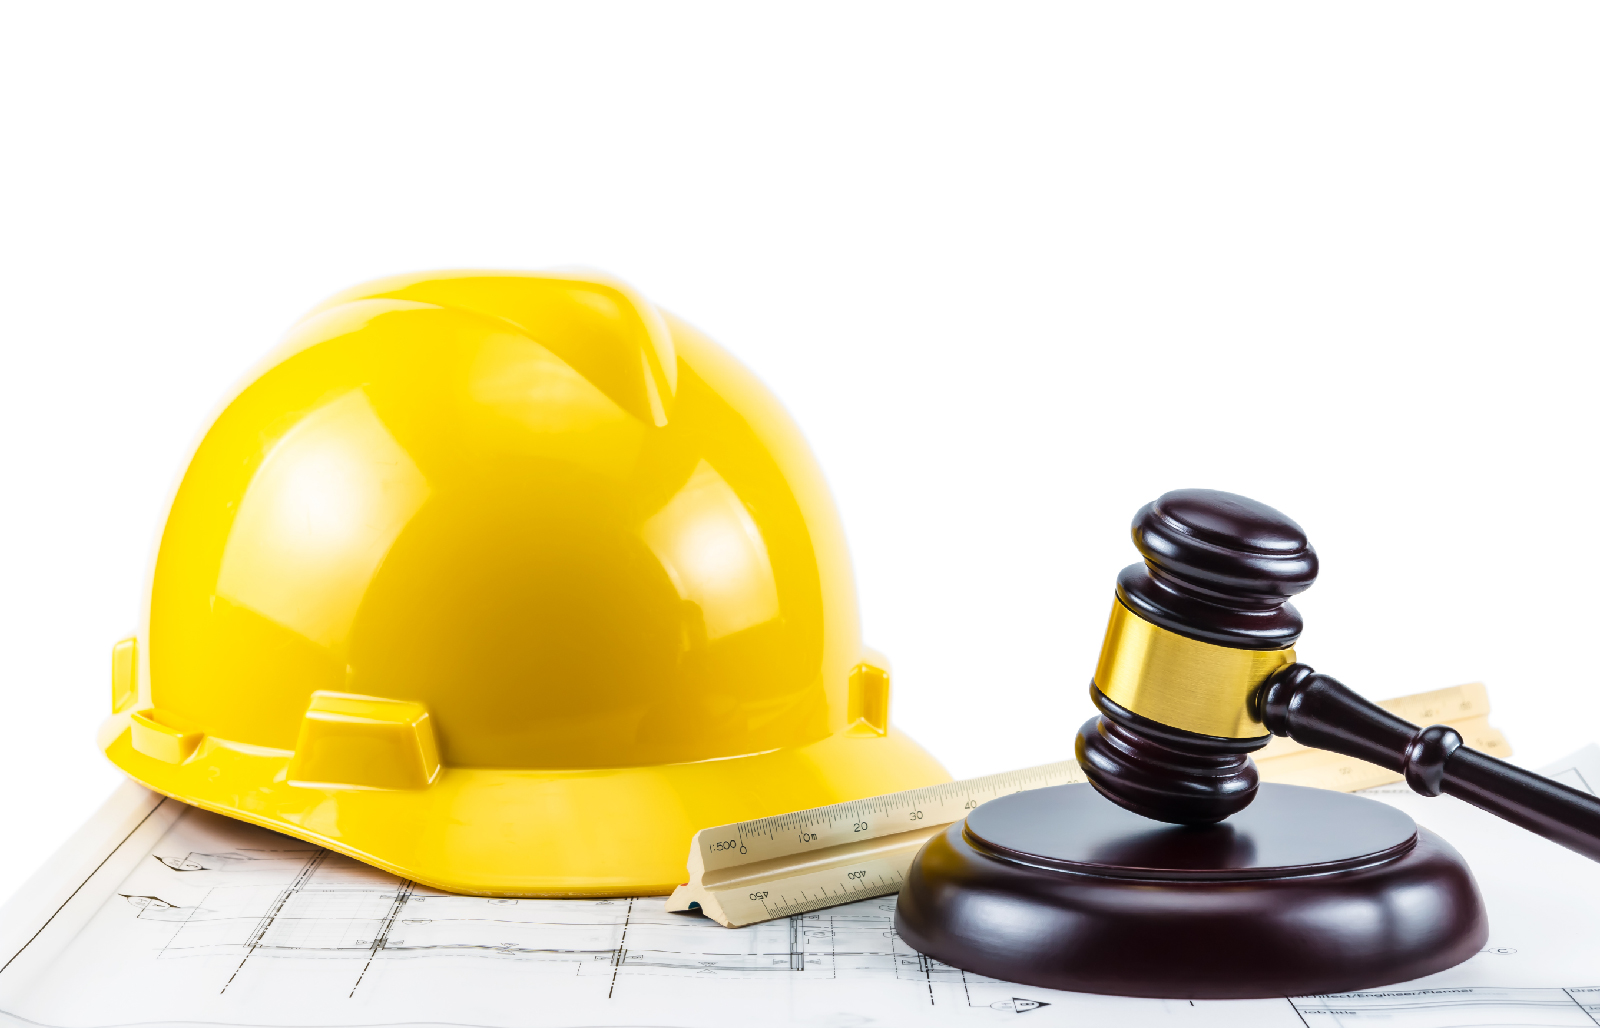 cultura corporativa - prevención de riesgos laborales